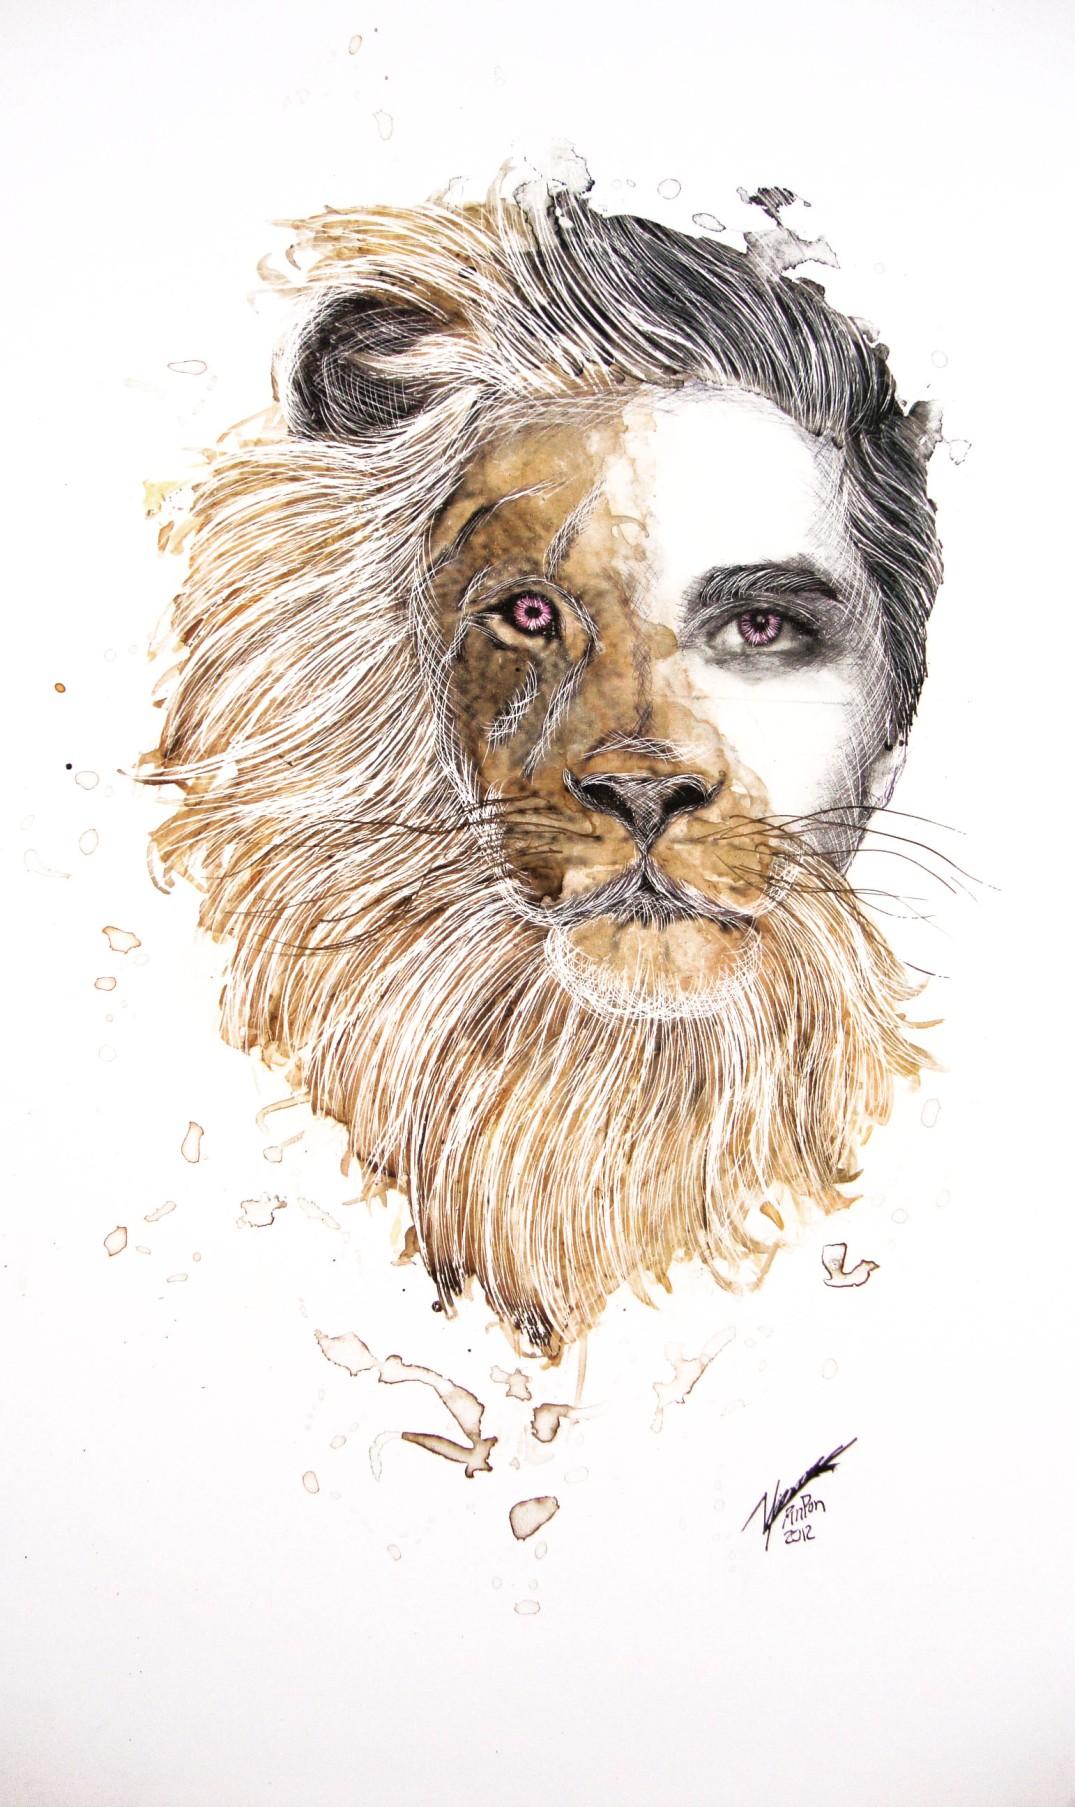 leonhombre